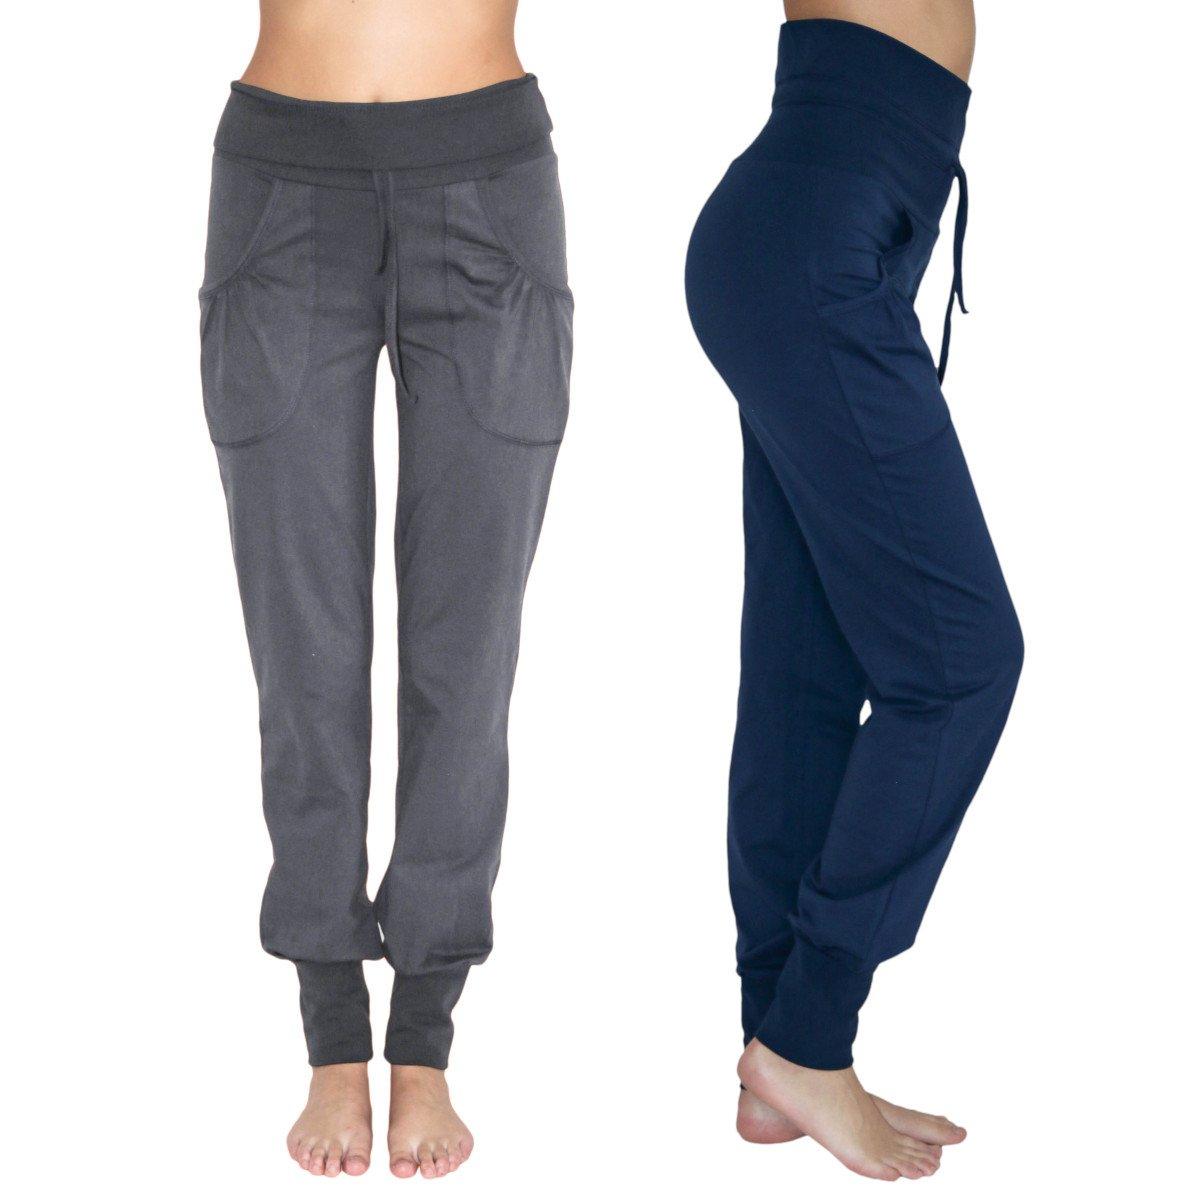 Pantalone Yoga con tasche in cotone biologico